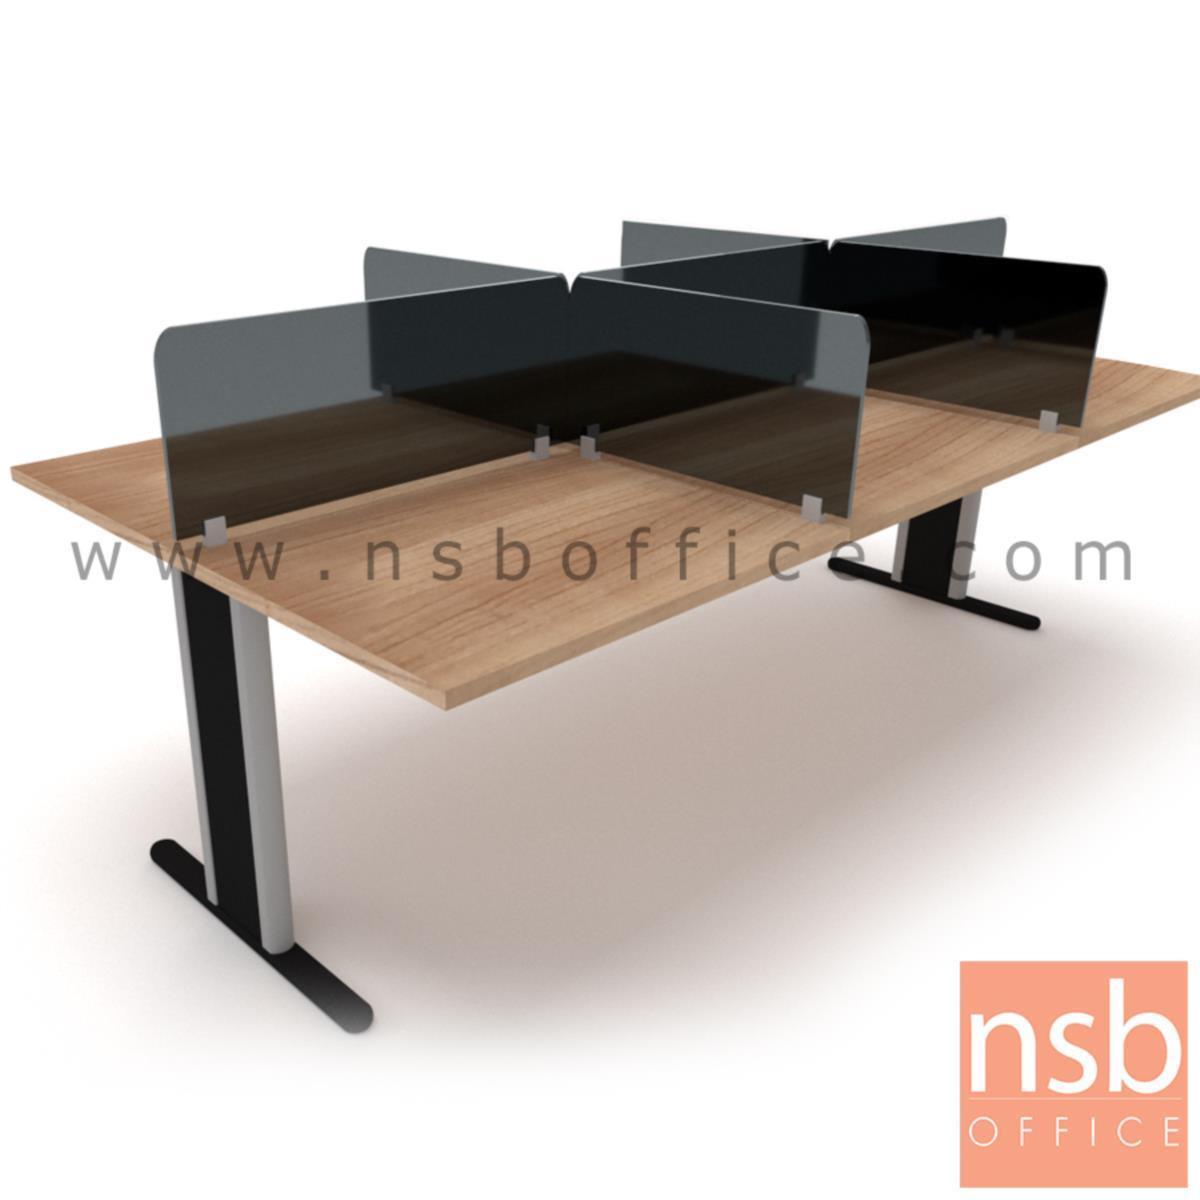 A04A032:ชุดโต๊ะทำงานกลุ่ม Call Center 6 ที่นั่ง   ขนาด 80W cm. พร้อมแผ่นมินิสกรีนกระจก ขาตัวที